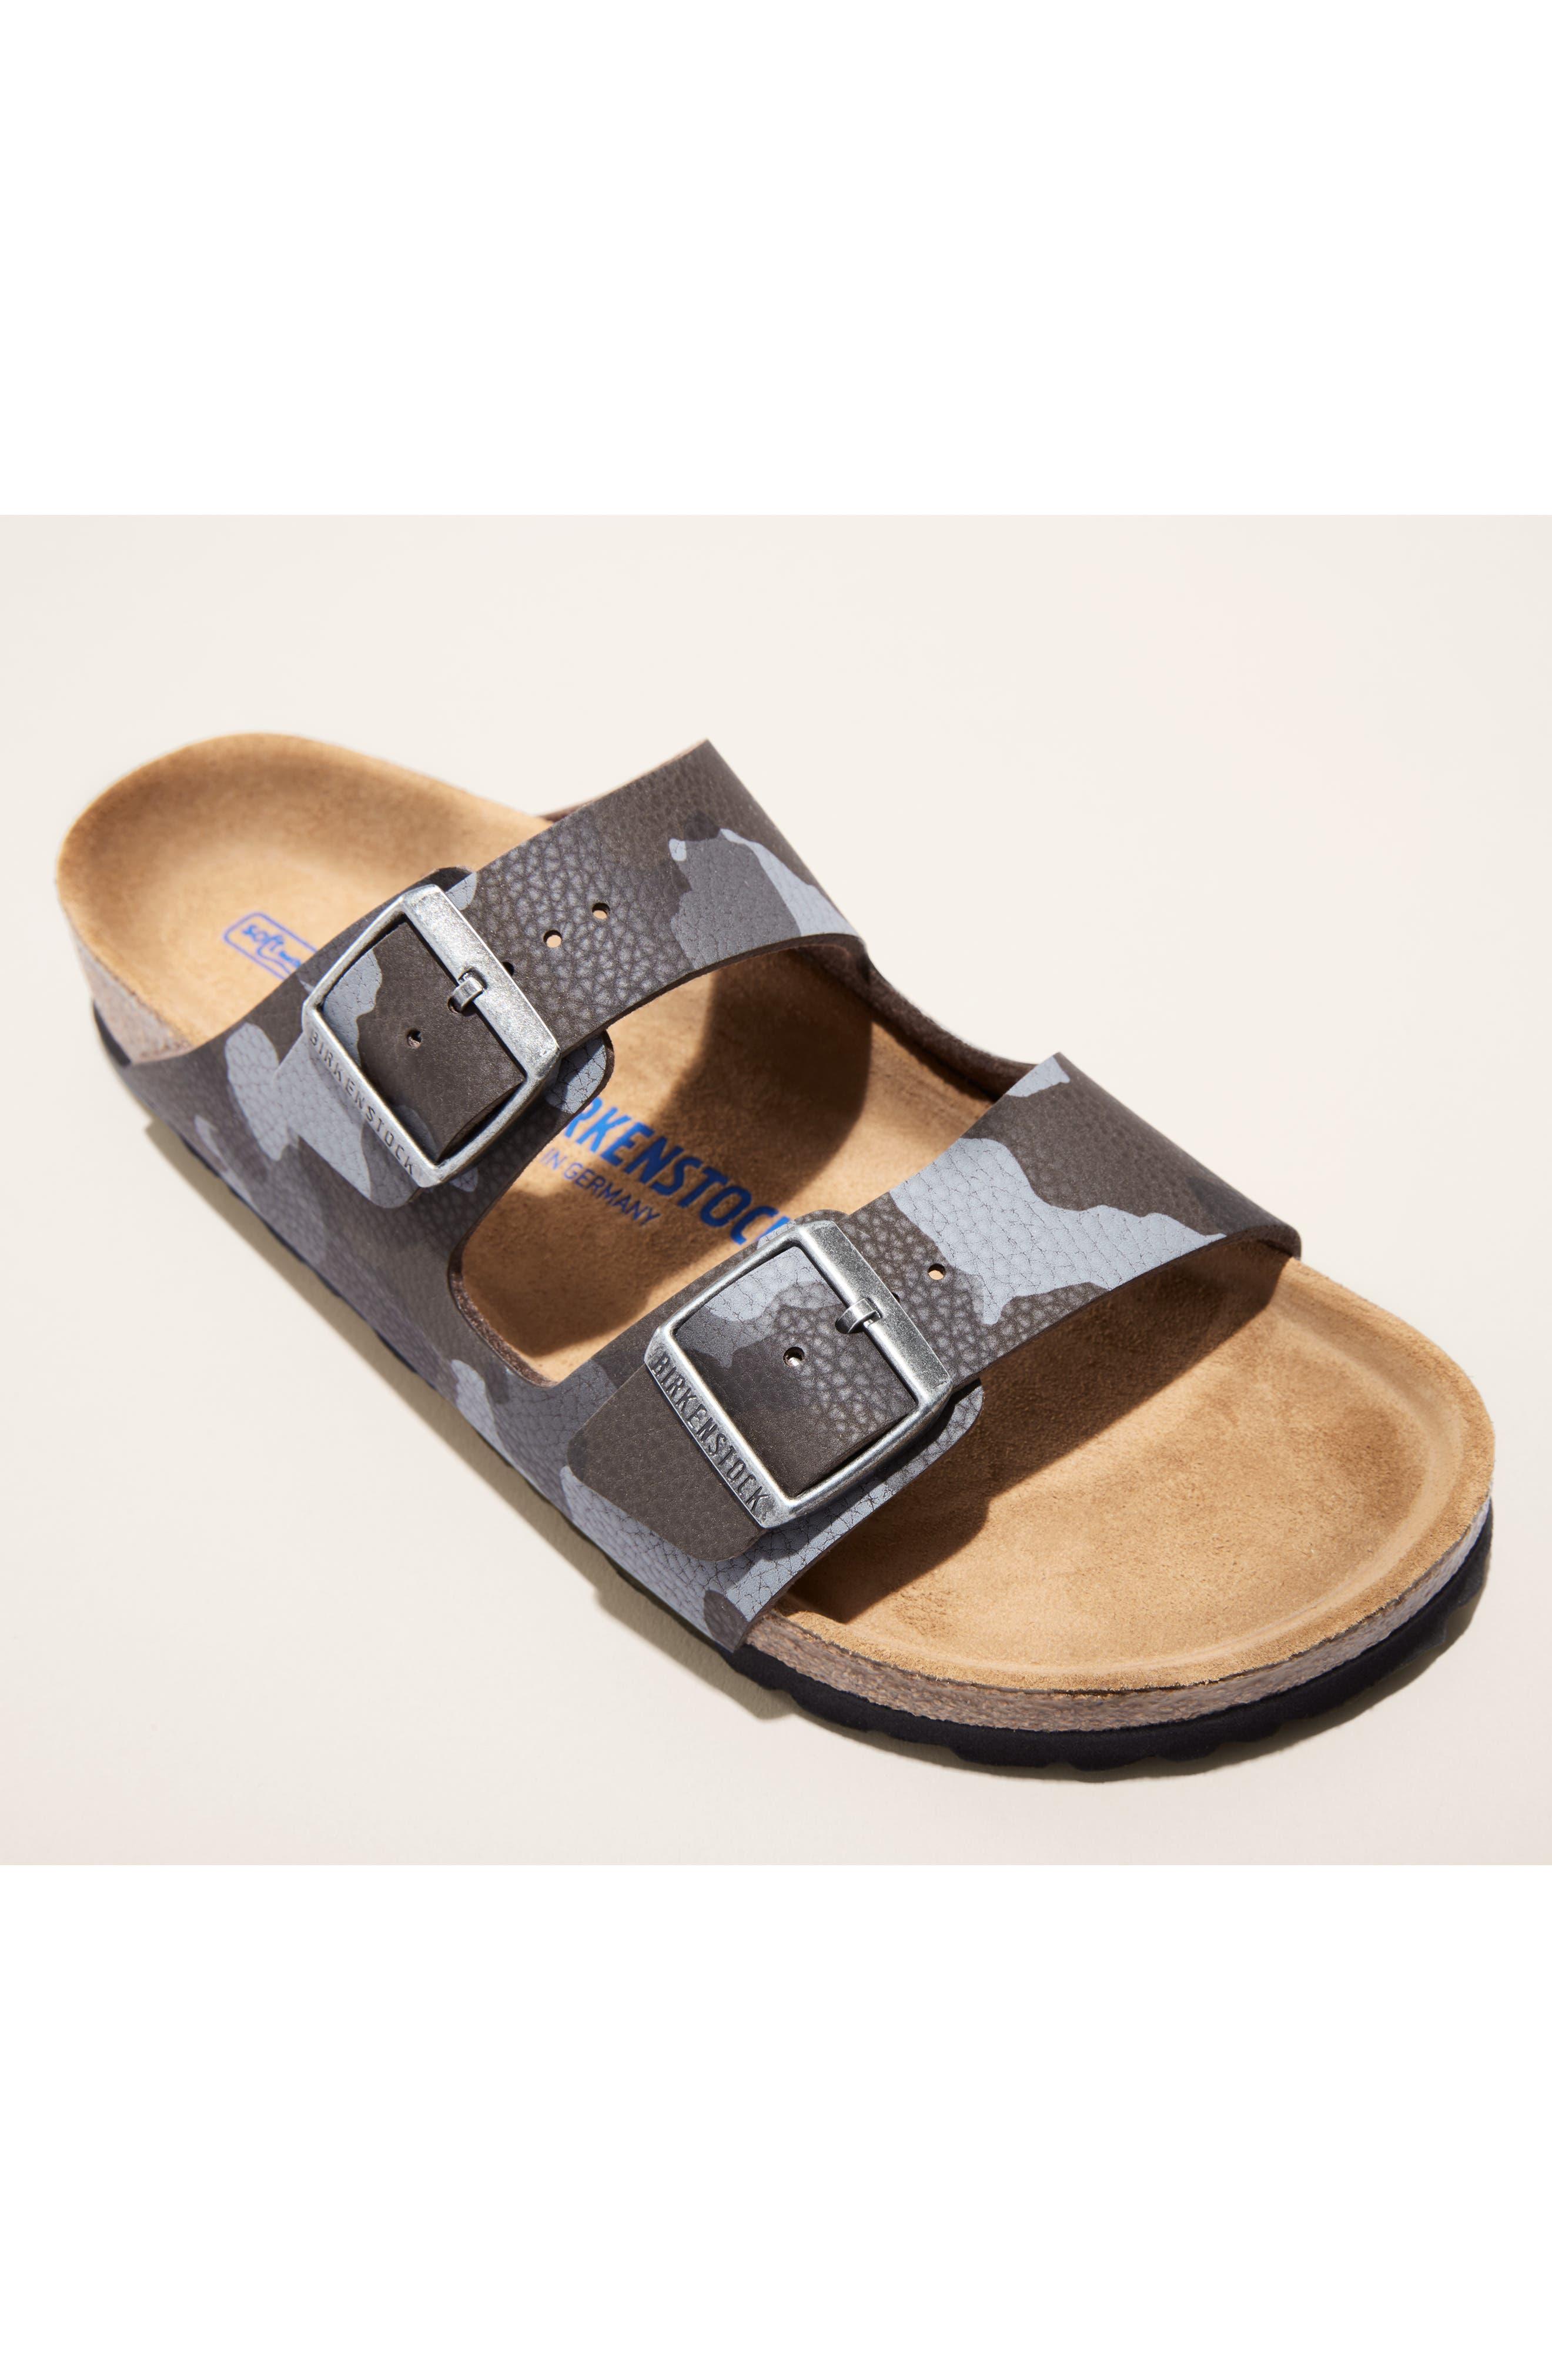 Arizona Soft Slide Sandal,                             Alternate thumbnail 7, color,                             DESERT SOIL CAMO BROWN